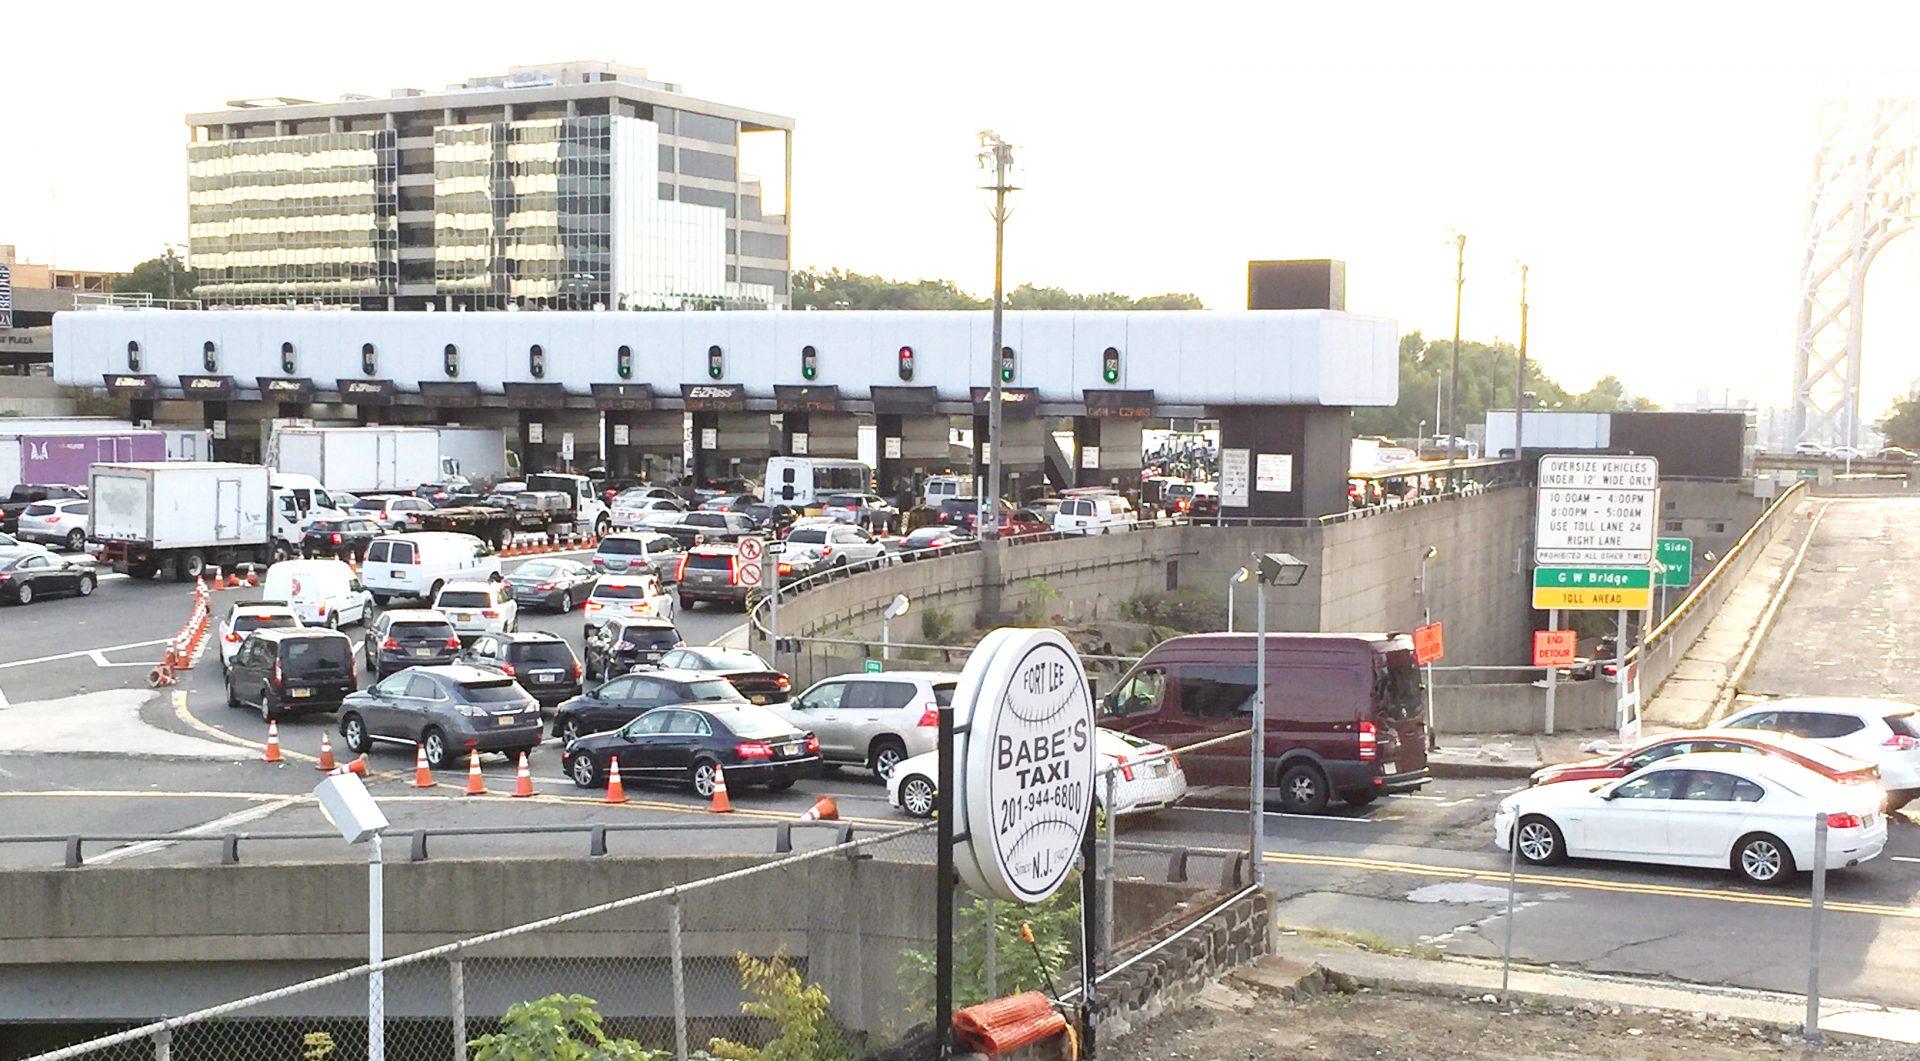 Foto2 Congestionamento em Fort Lee scaled NJ: Interstate 95 é a rodovia mais congestionada dos EUA